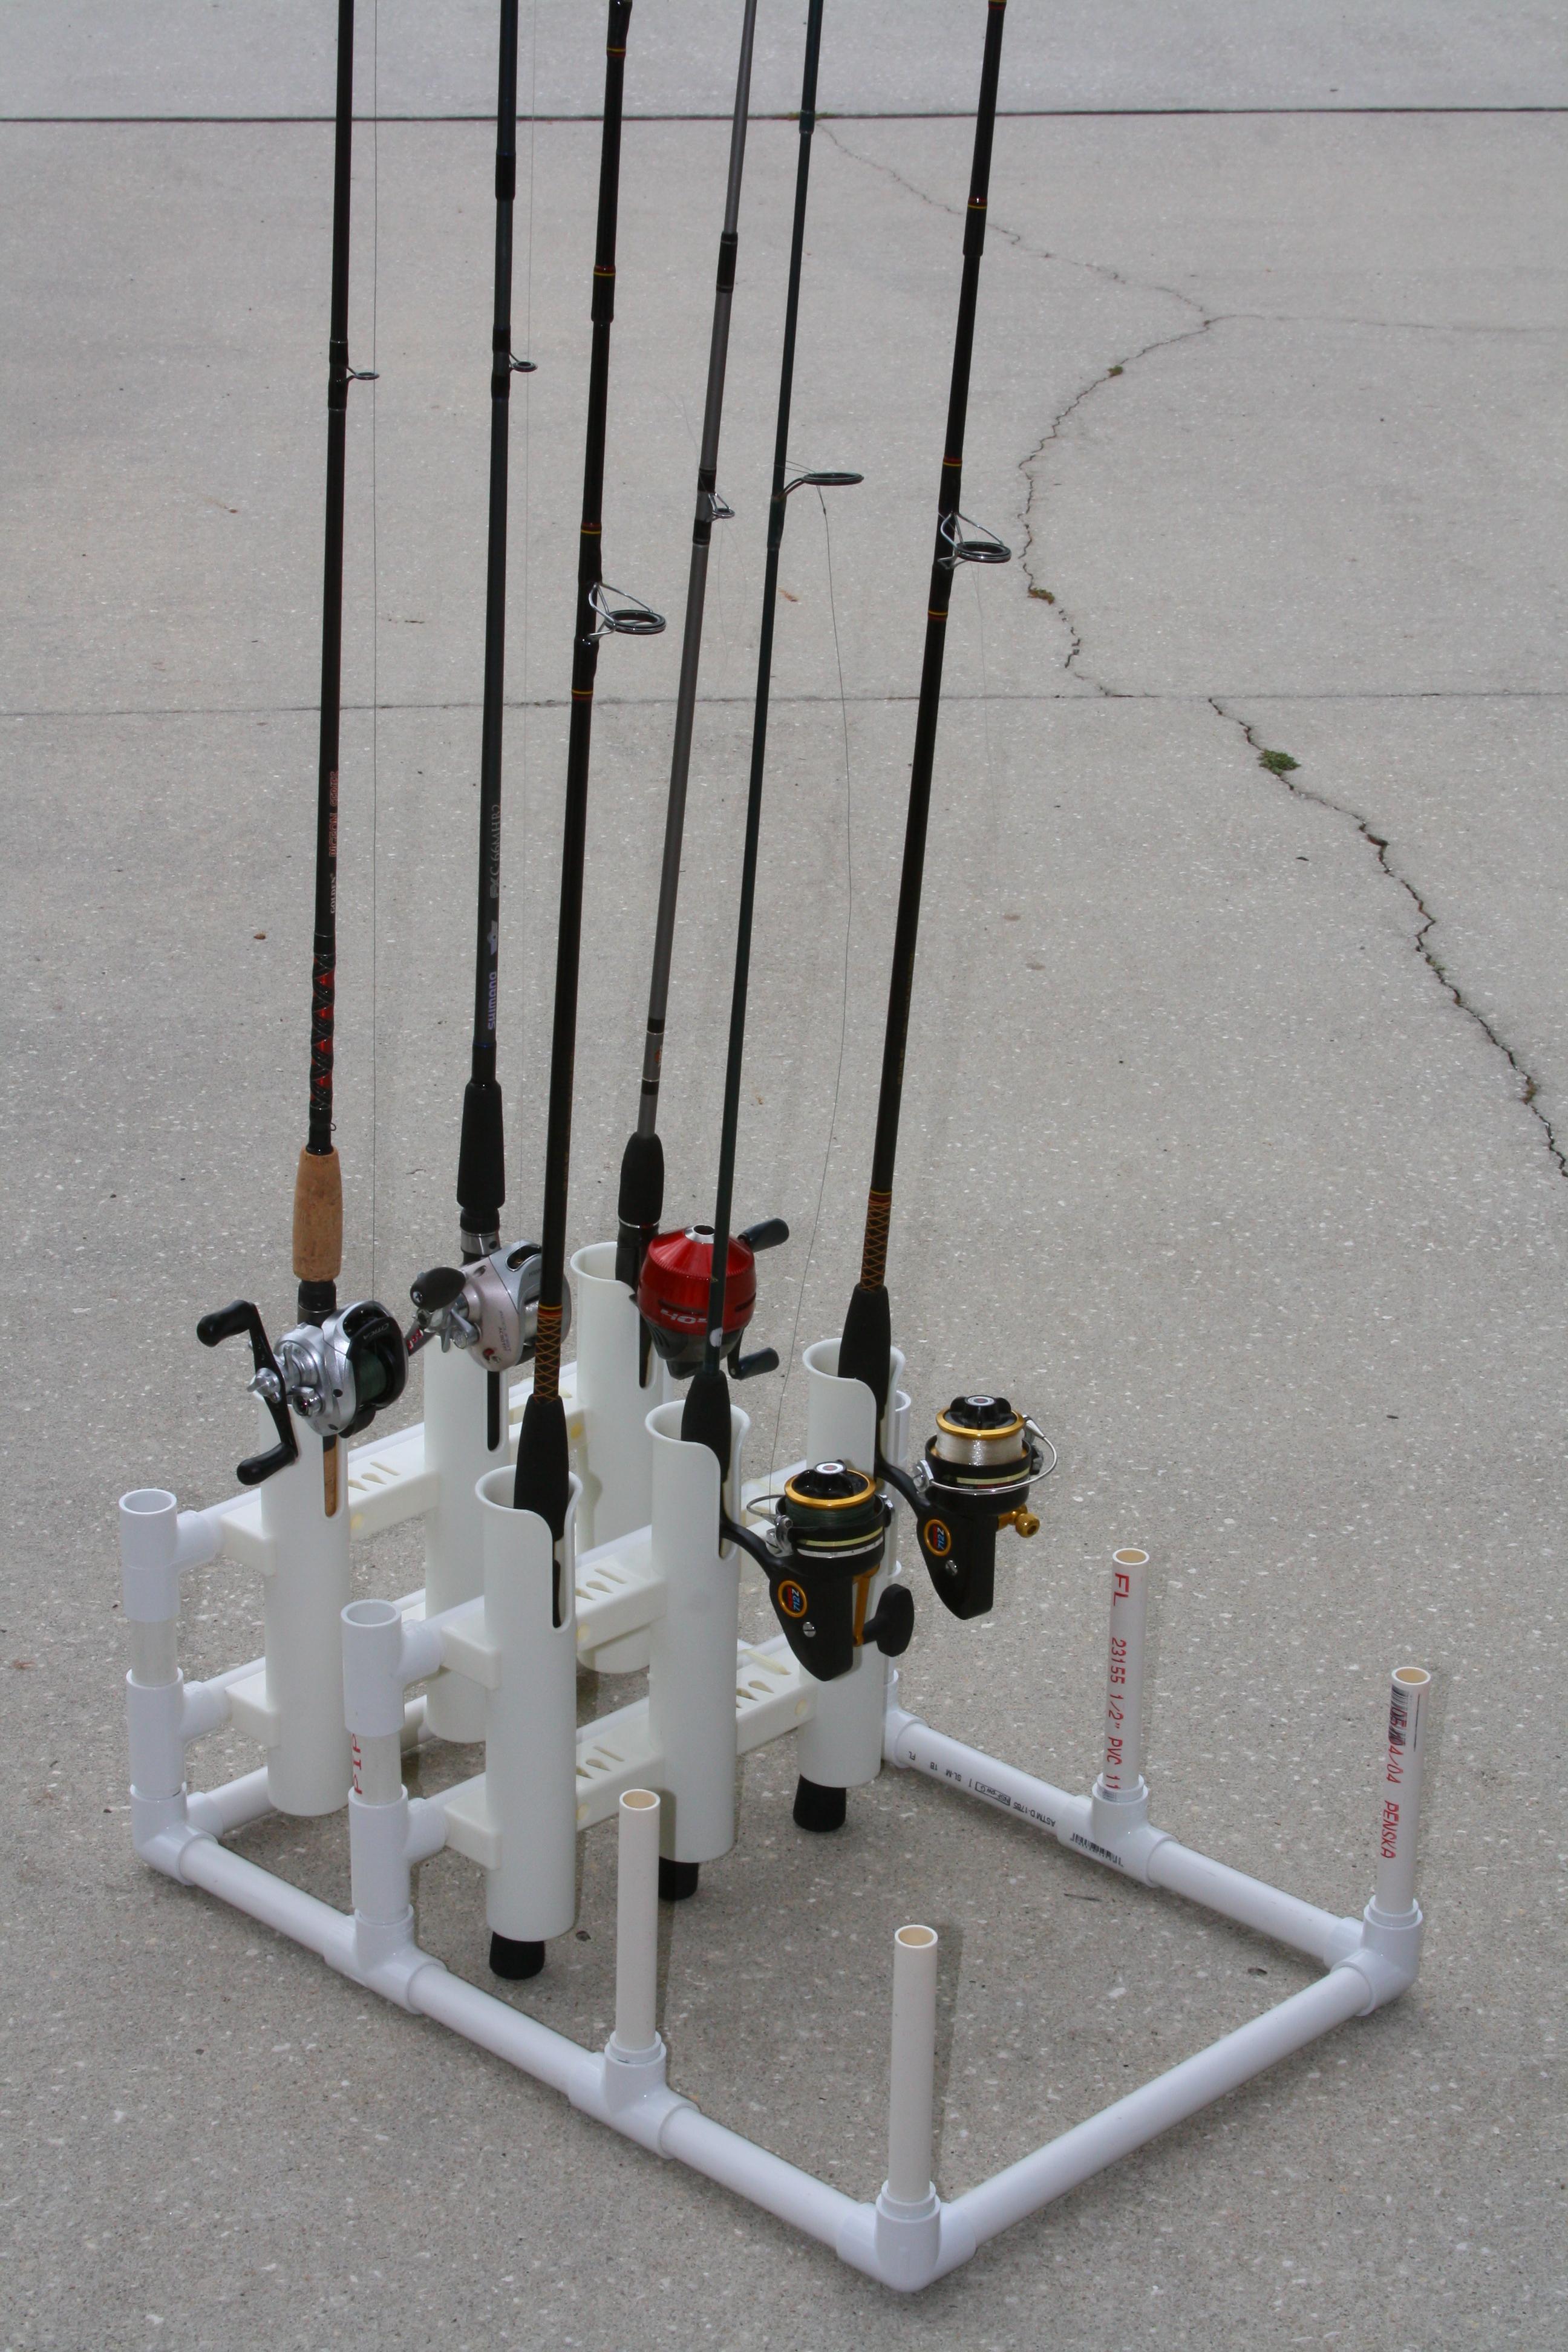 pvc modular fishing rod holder 6